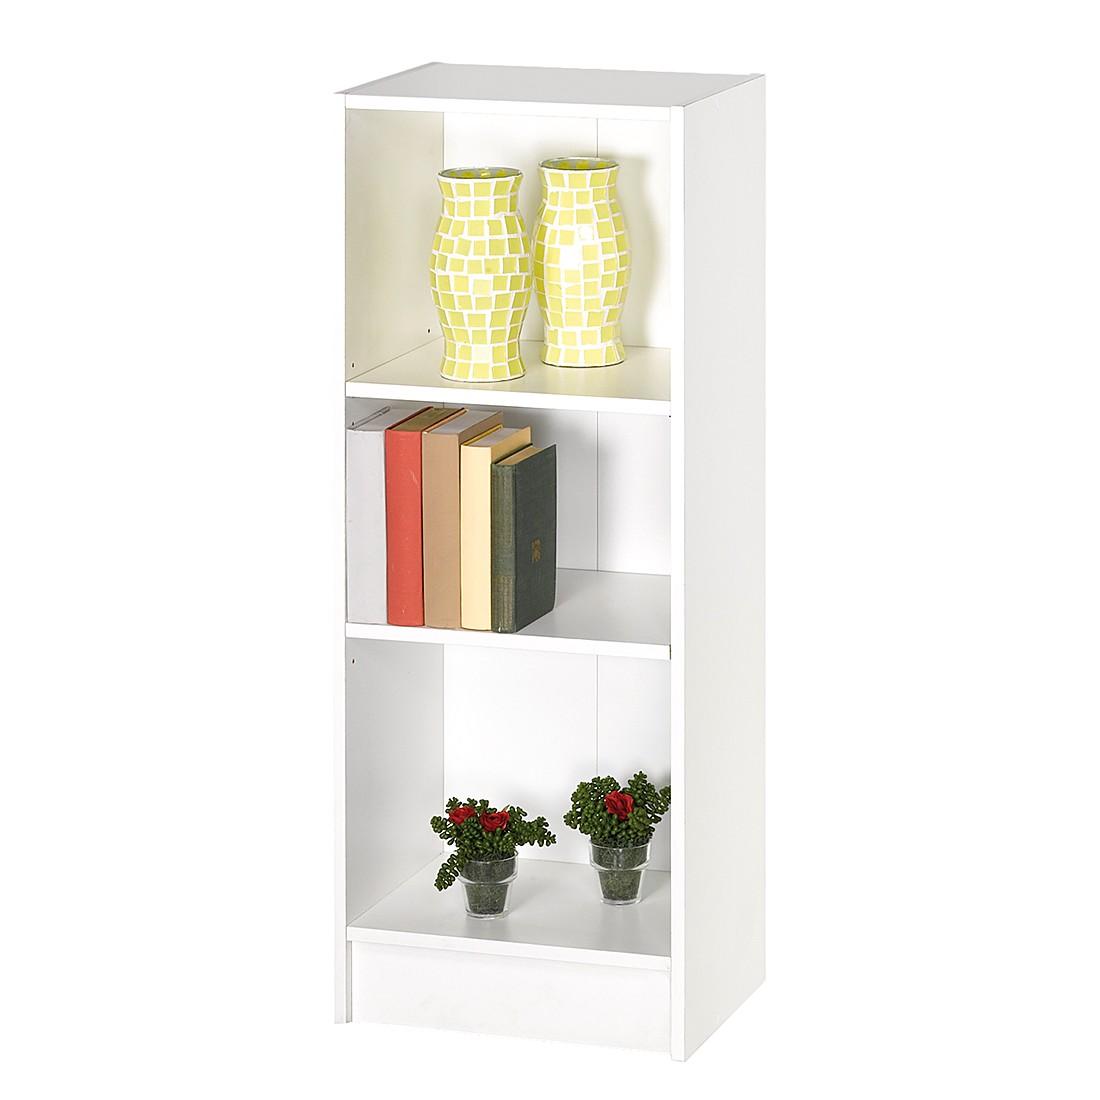 Bücherregal Montijo – Weiß – 77,9 x 200,0 x 29,4 cm, California günstig bestellen